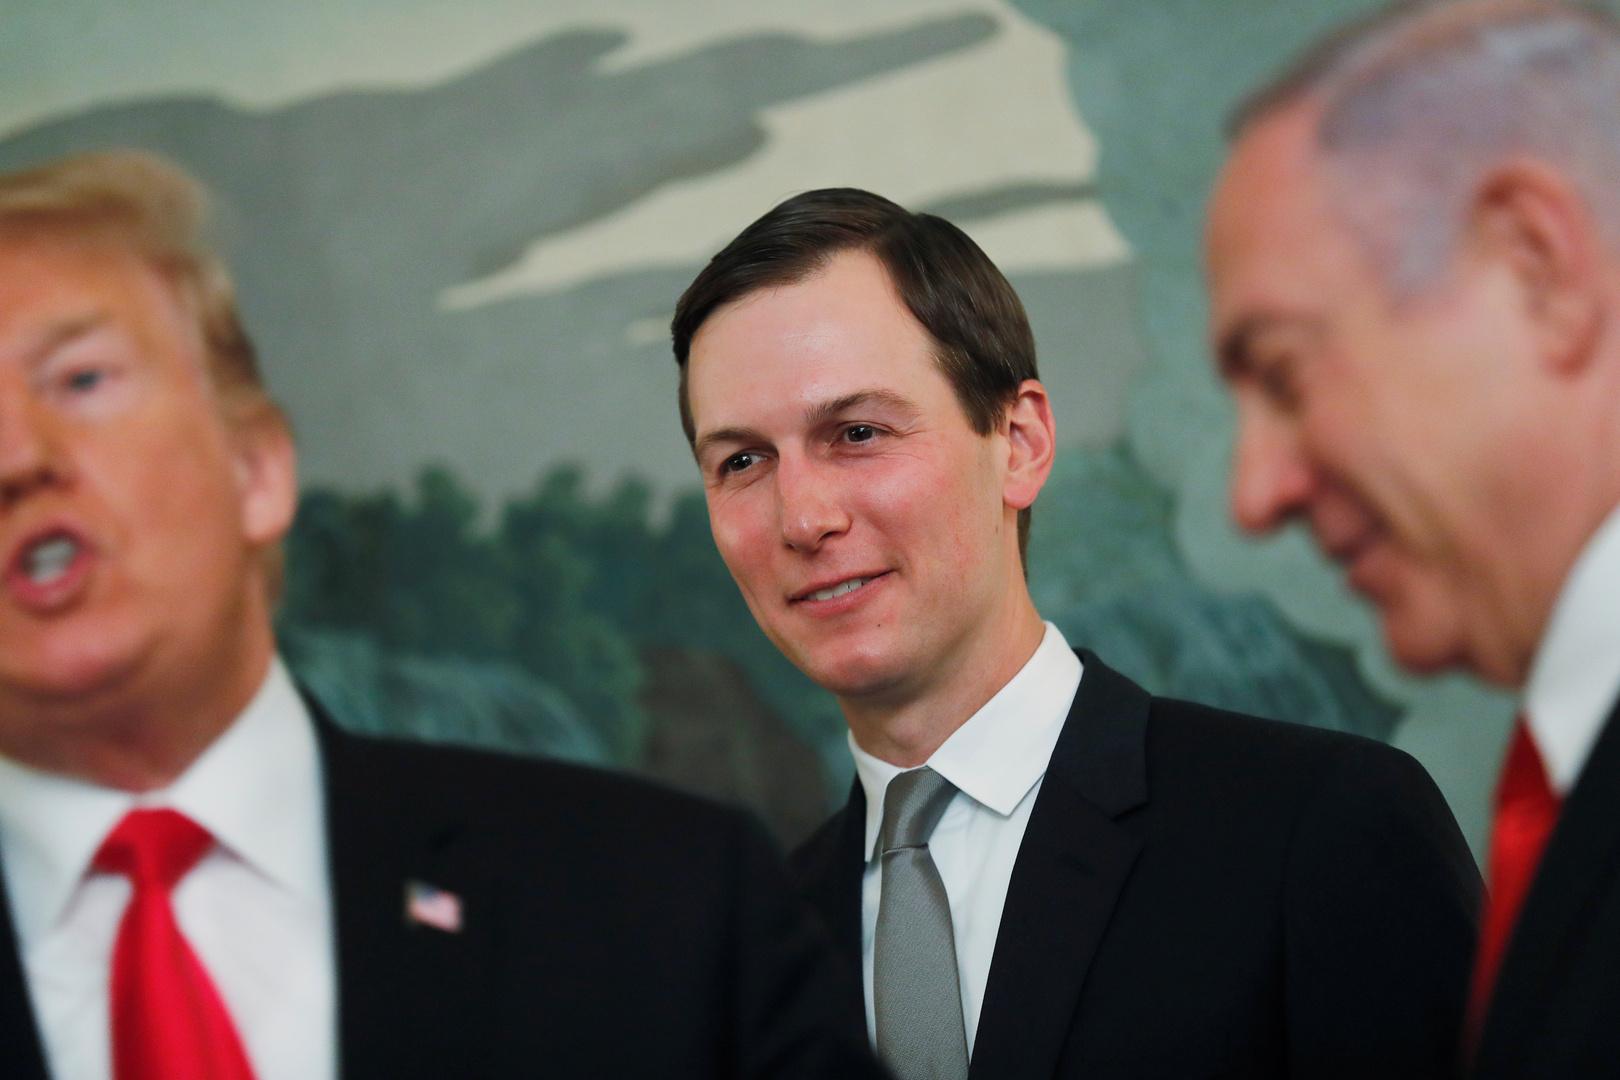 الرئيس الأمريكي دونالد ترامب وصهره جاريد كوشنر، بالإضافة إلى رئيس الوزراء الإسرائيلي بنيامين نتنياهو